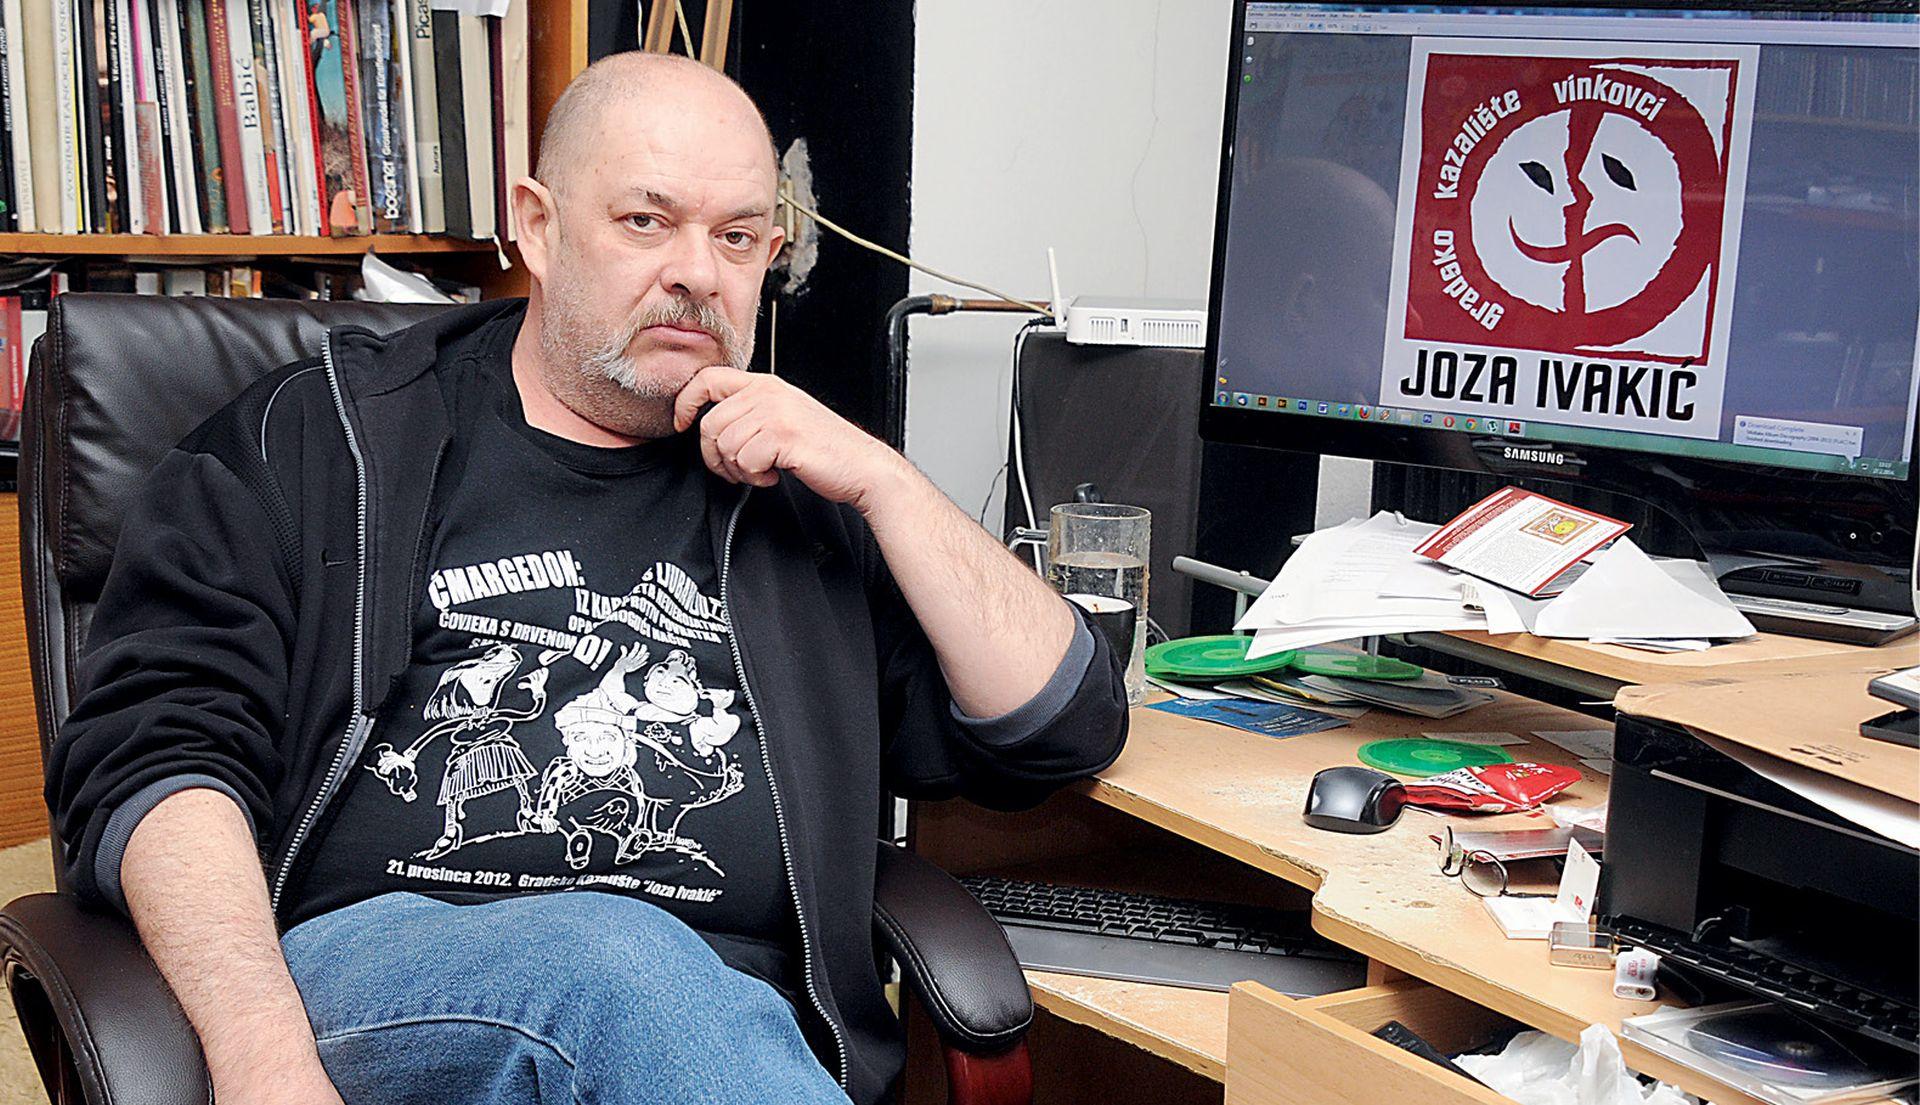 INTERVIEW: DUBRAVKO MATAKOVIĆ 'Moj Ante Pavelić nema veze s ustašama, već je borac protiv izvangalaktičke sile i mutikaša'